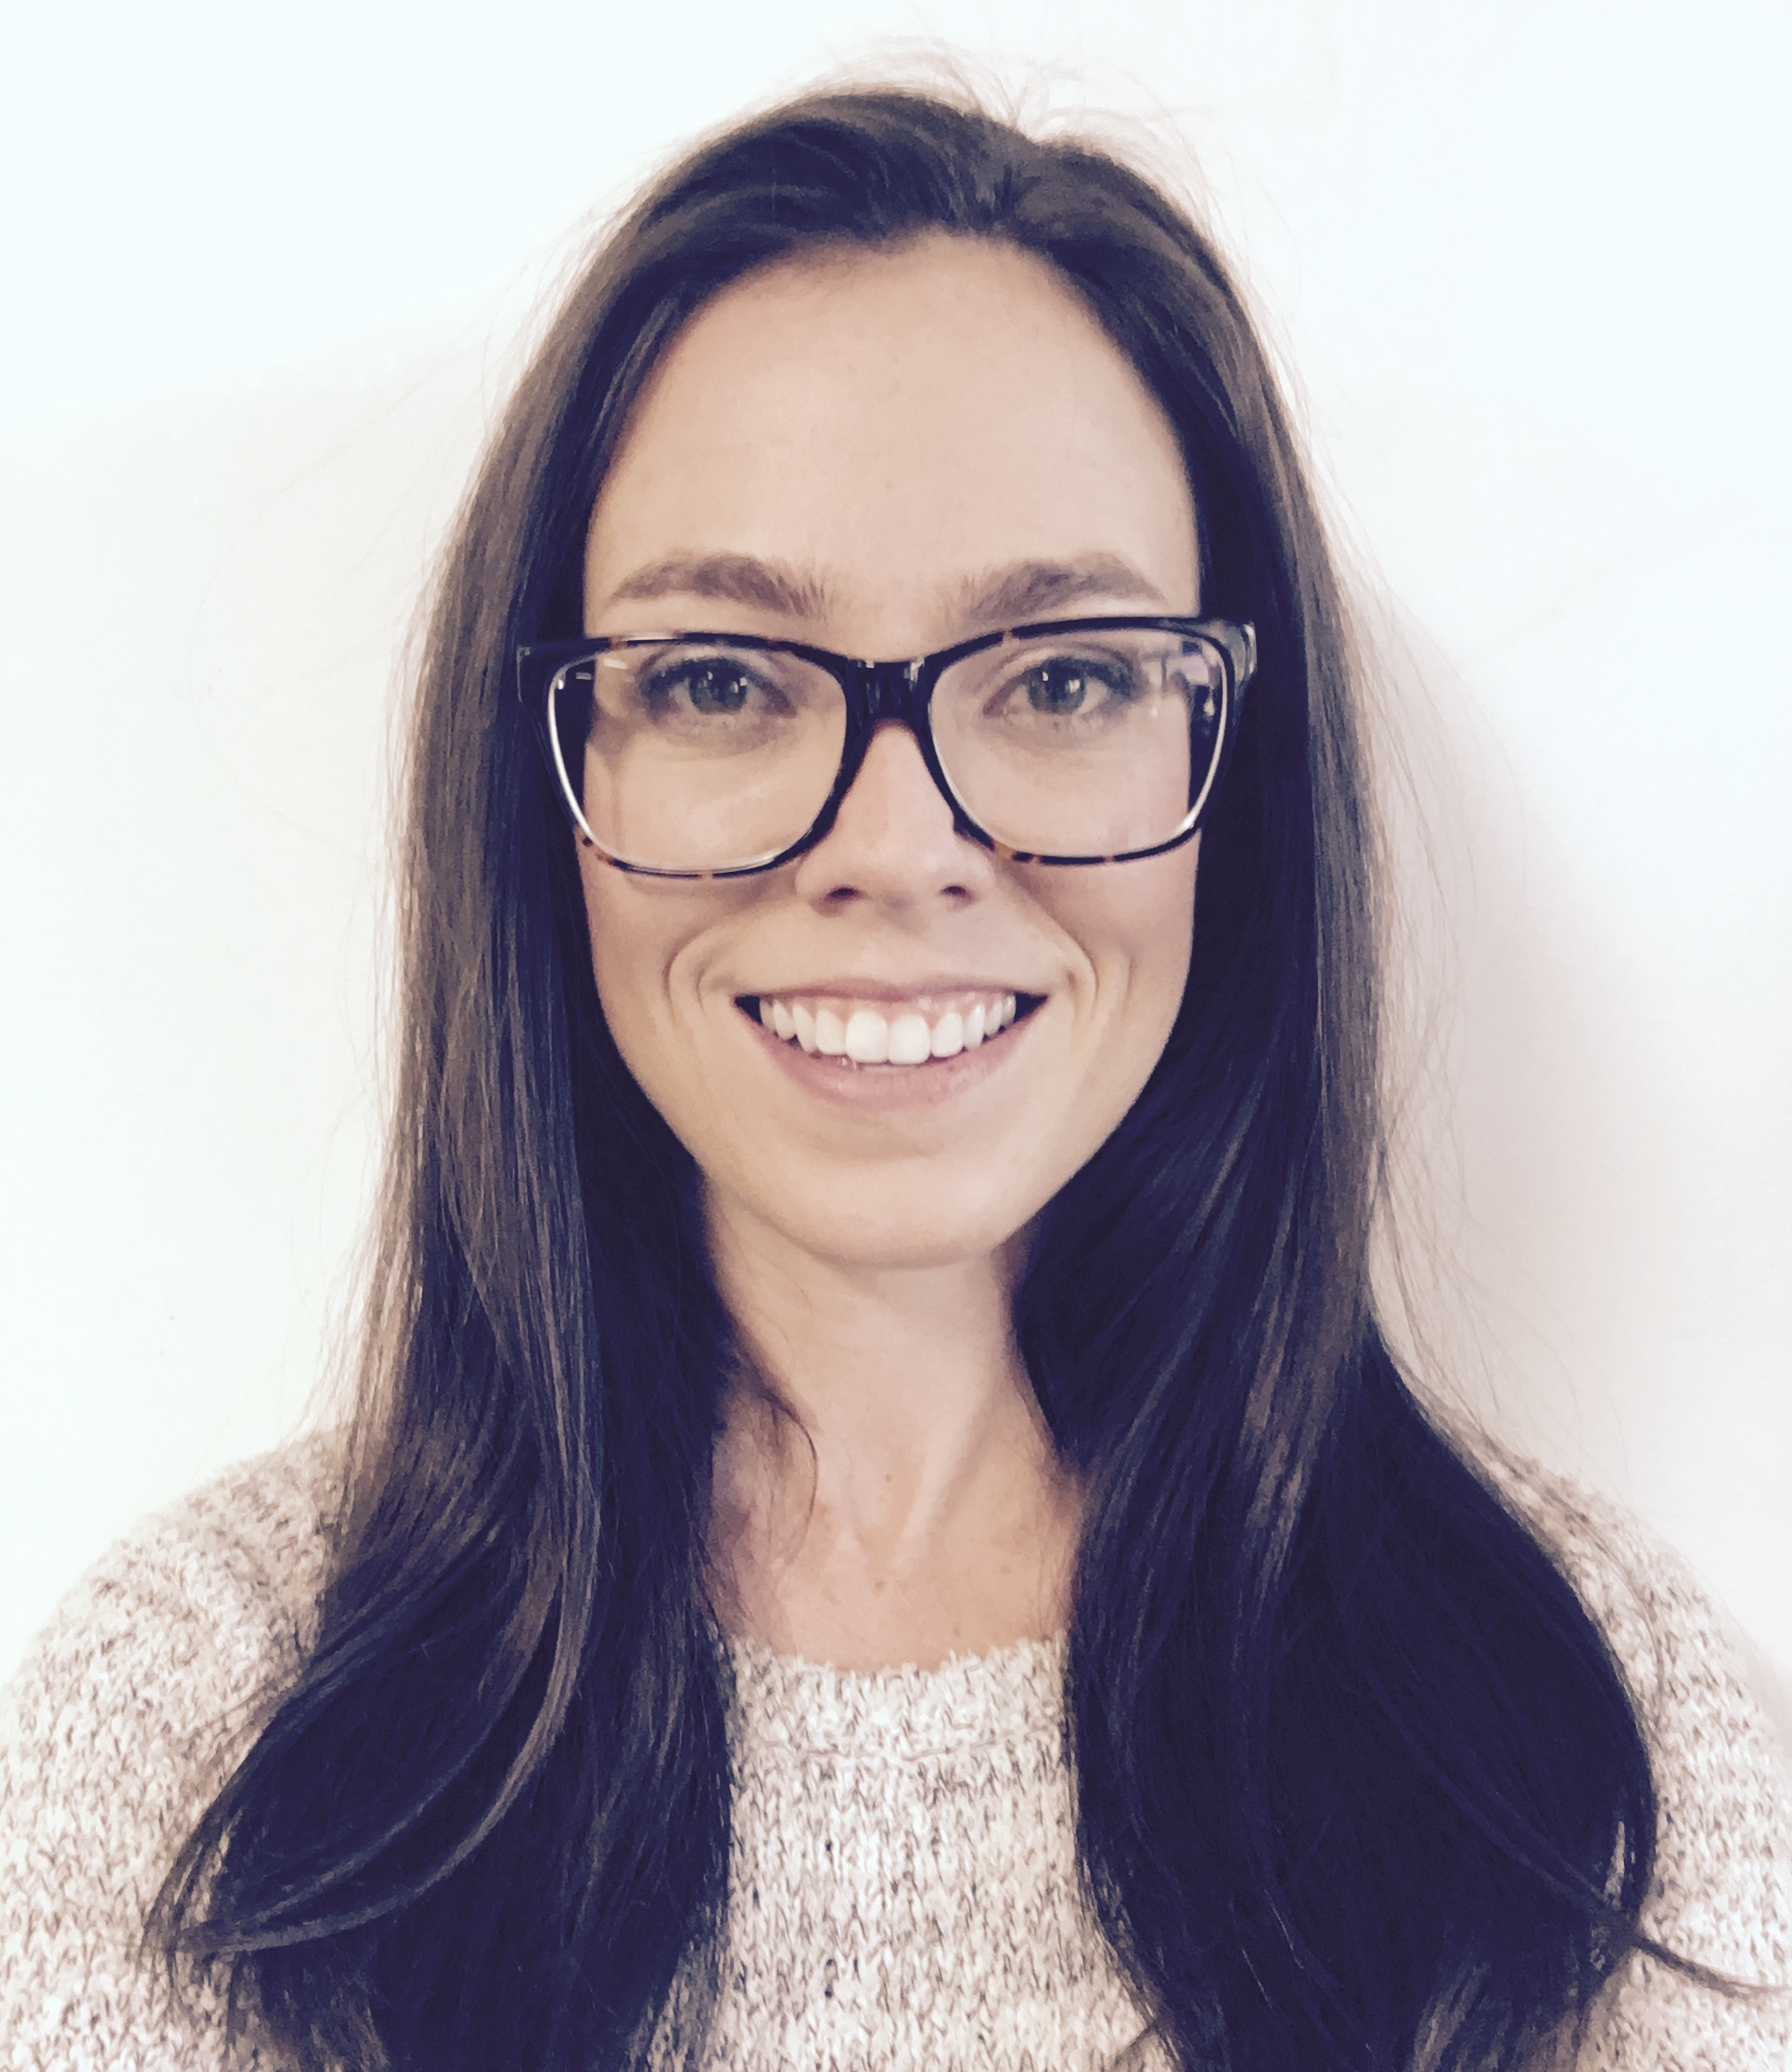 Sarah Ruddell - Secretary